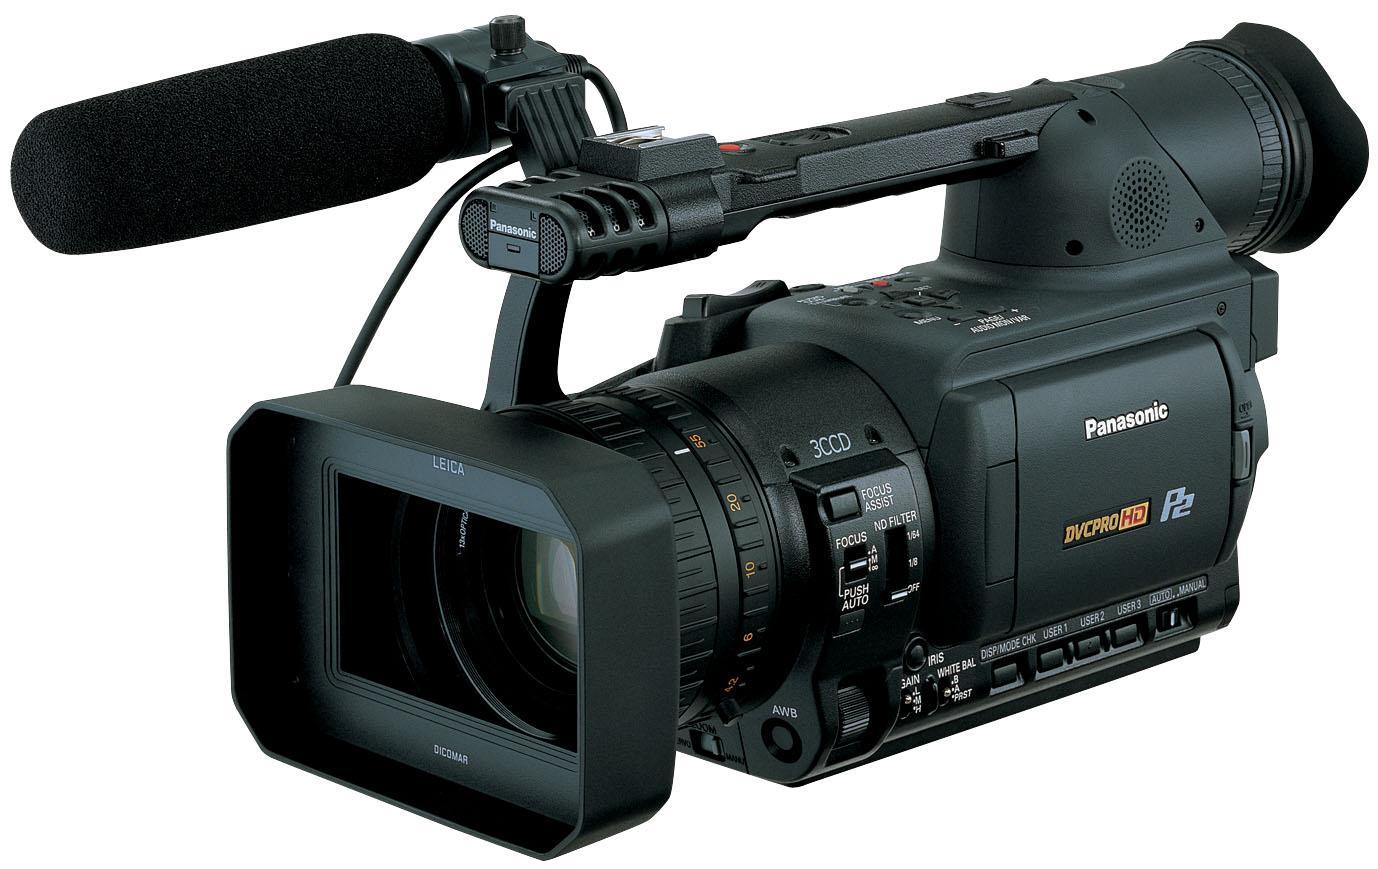 42nd Street Photo - Panasonic AG-HVX205A - AG-HVX205A ...